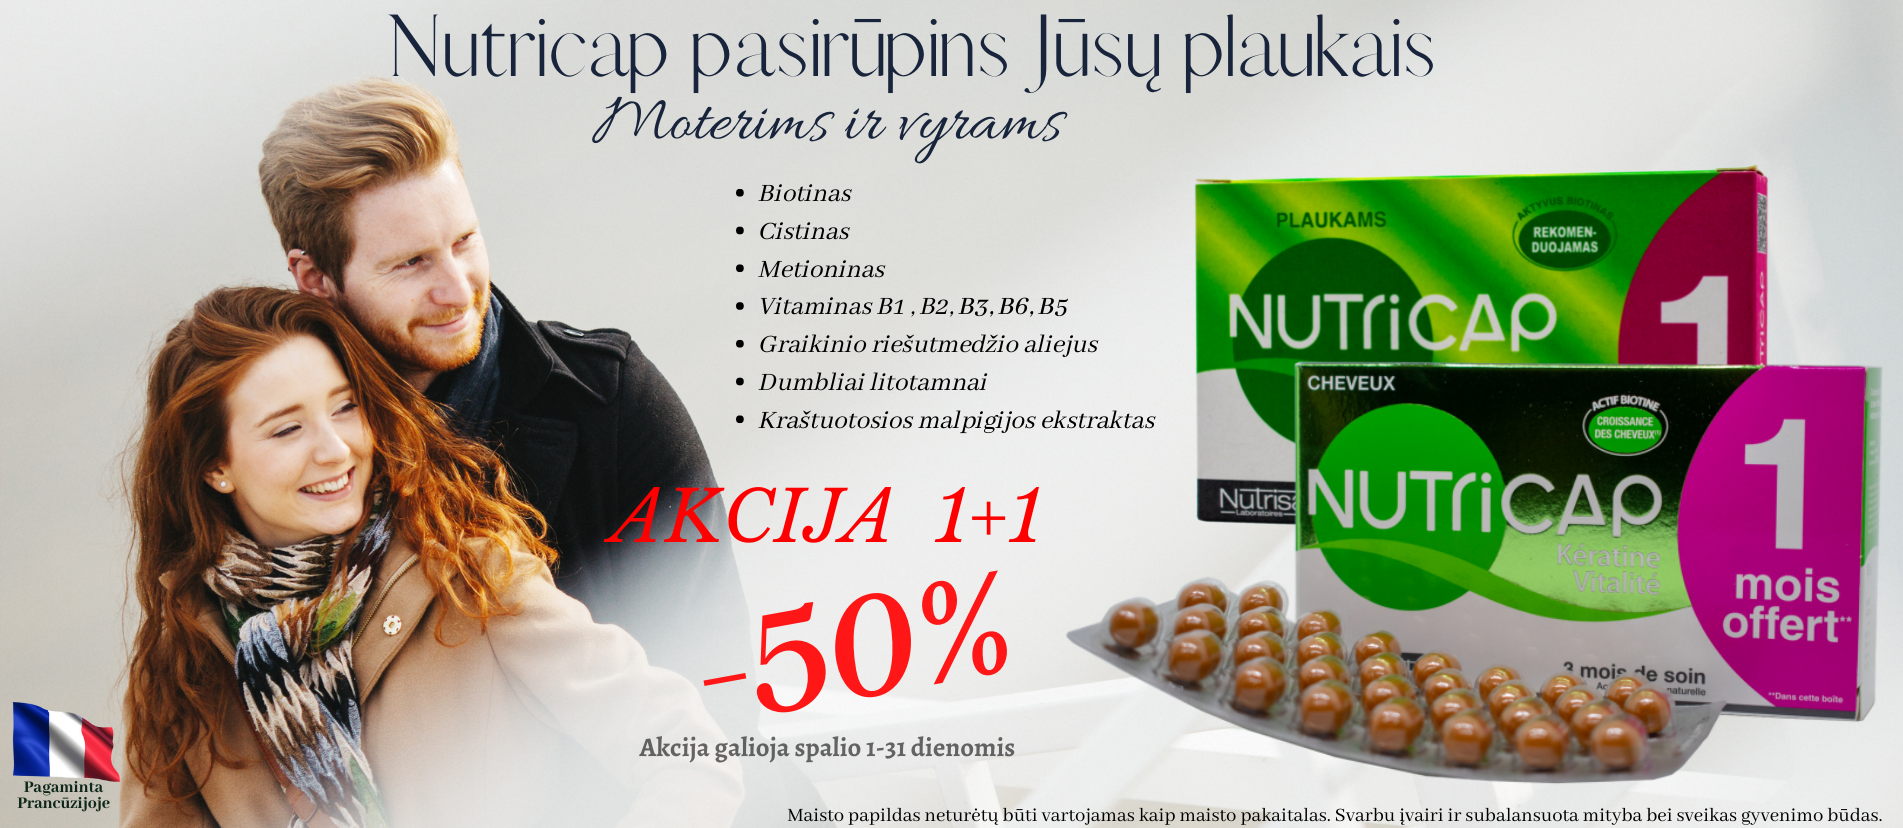 Nutricap-plaukams-vyrams-moterims-akcija_slamutis.lt